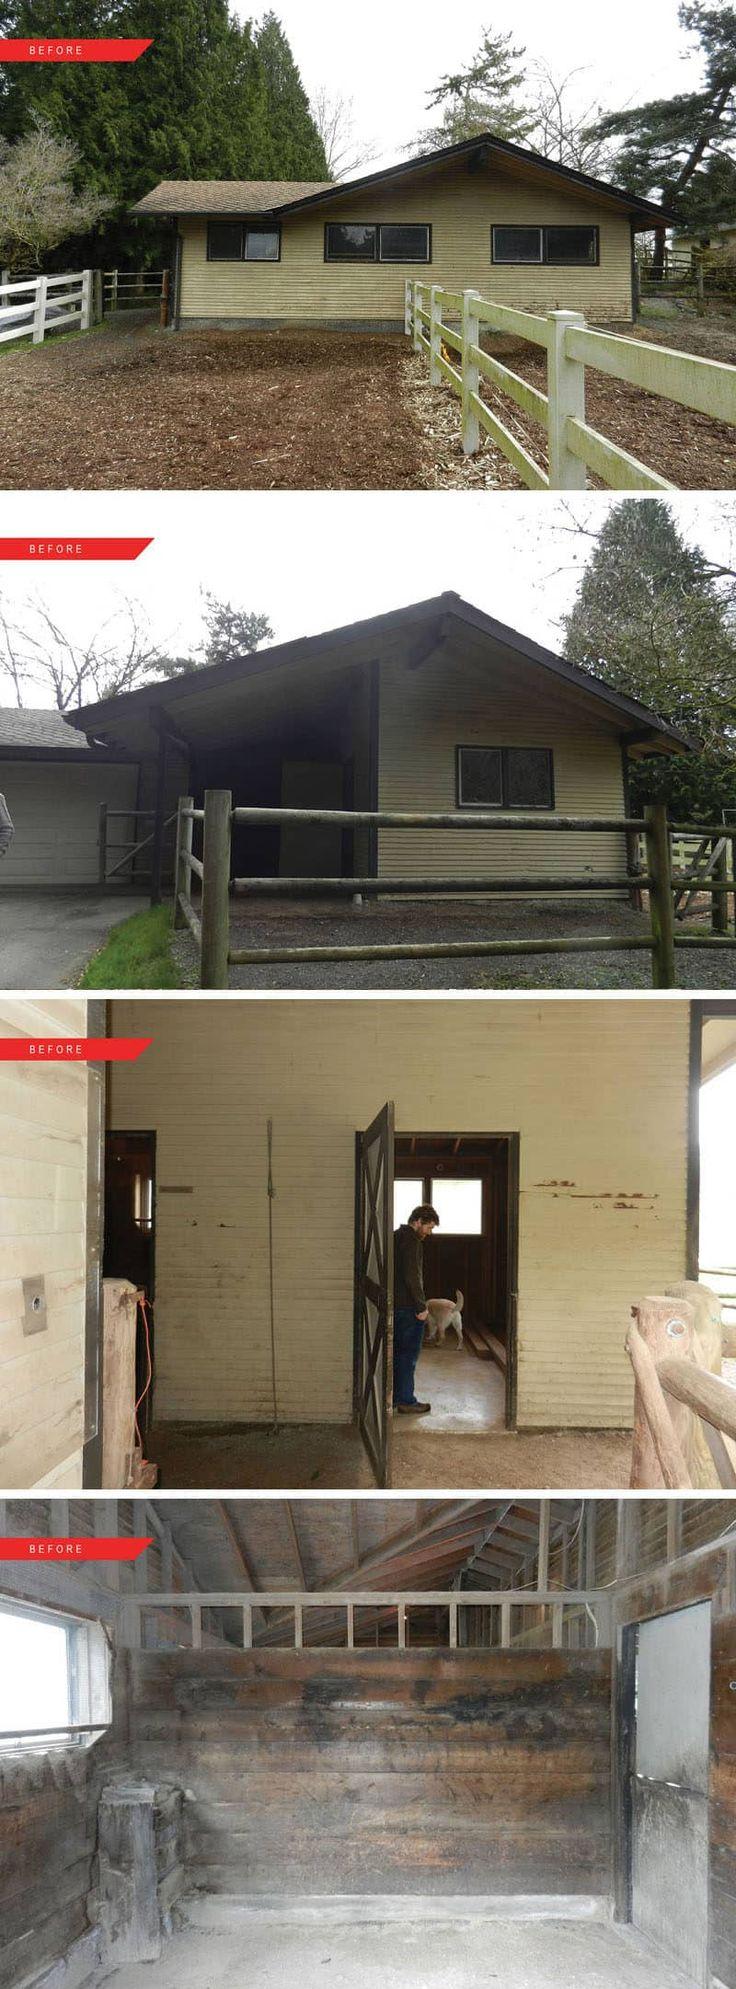 Küchendesign mit minibar vorher und nachher u ein pferdestall wird in den raum zum leben